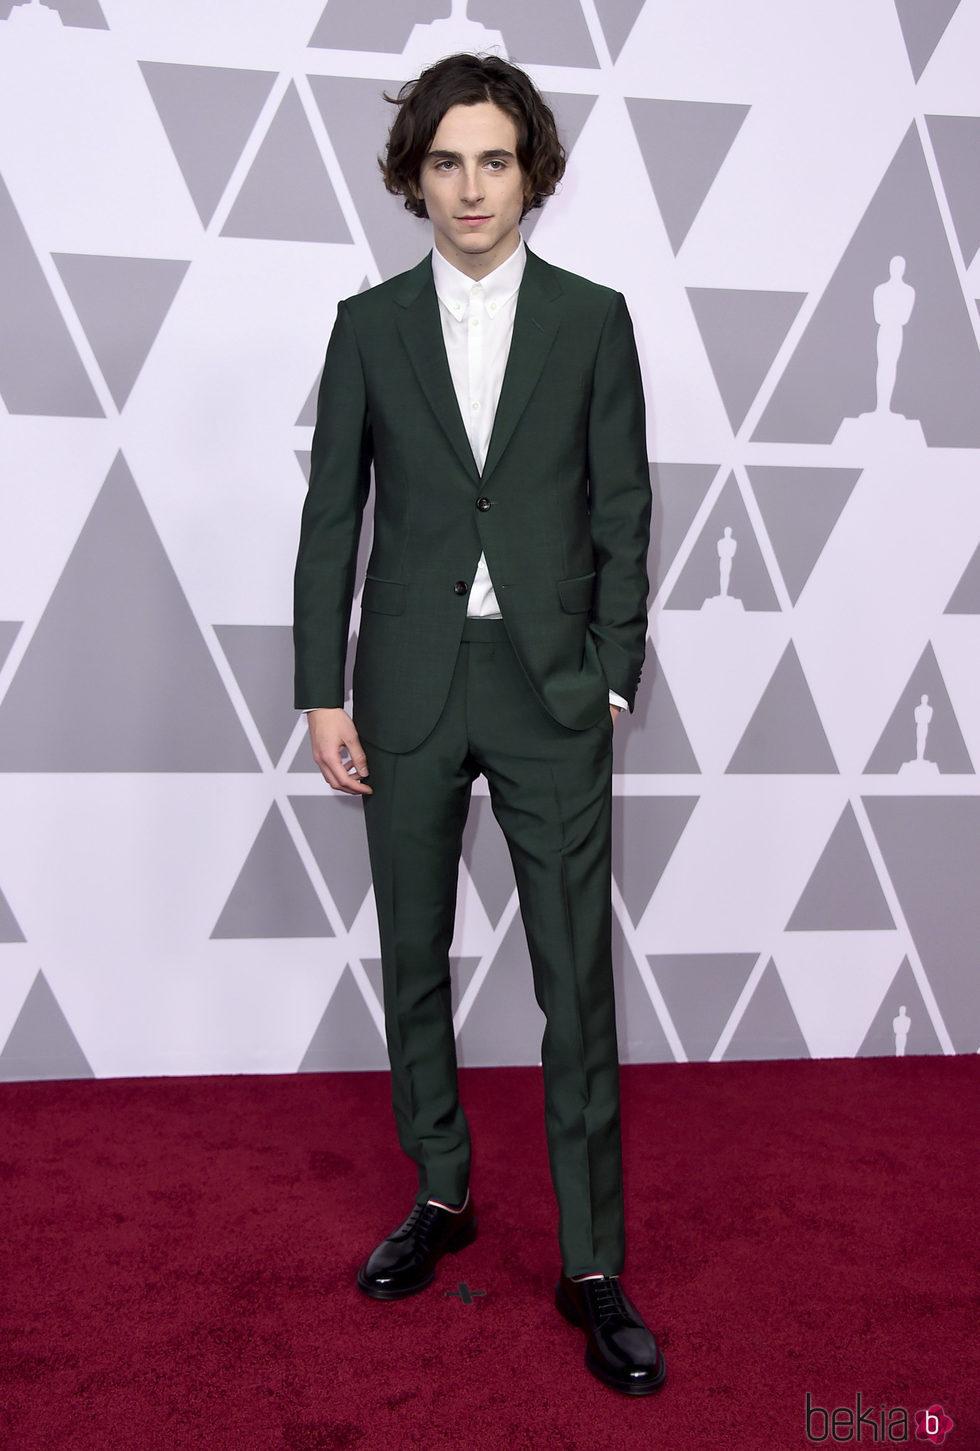 Timothee Chalamet en el almuerzo de los nominados de los Premios Oscar 2018